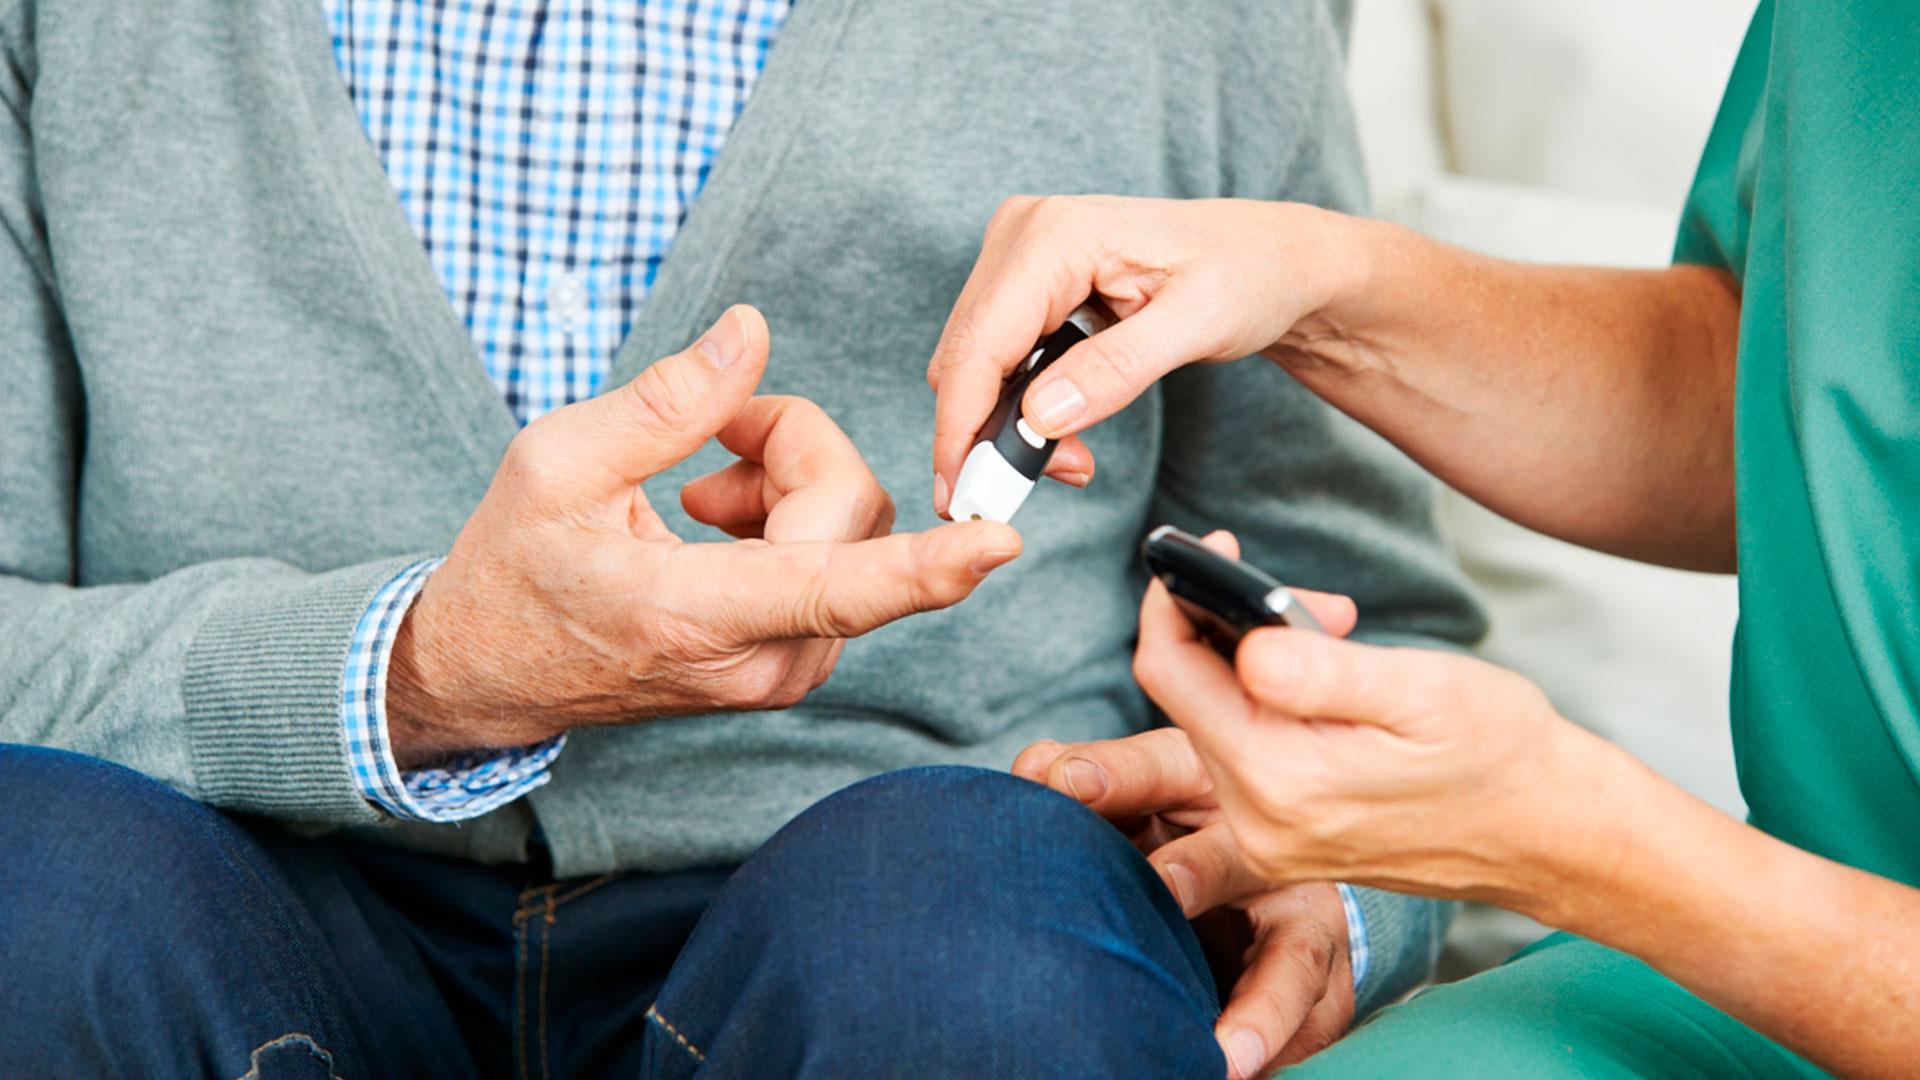 Nuove linee guida per gli anziani con diabete: semplificare è la parola chiave